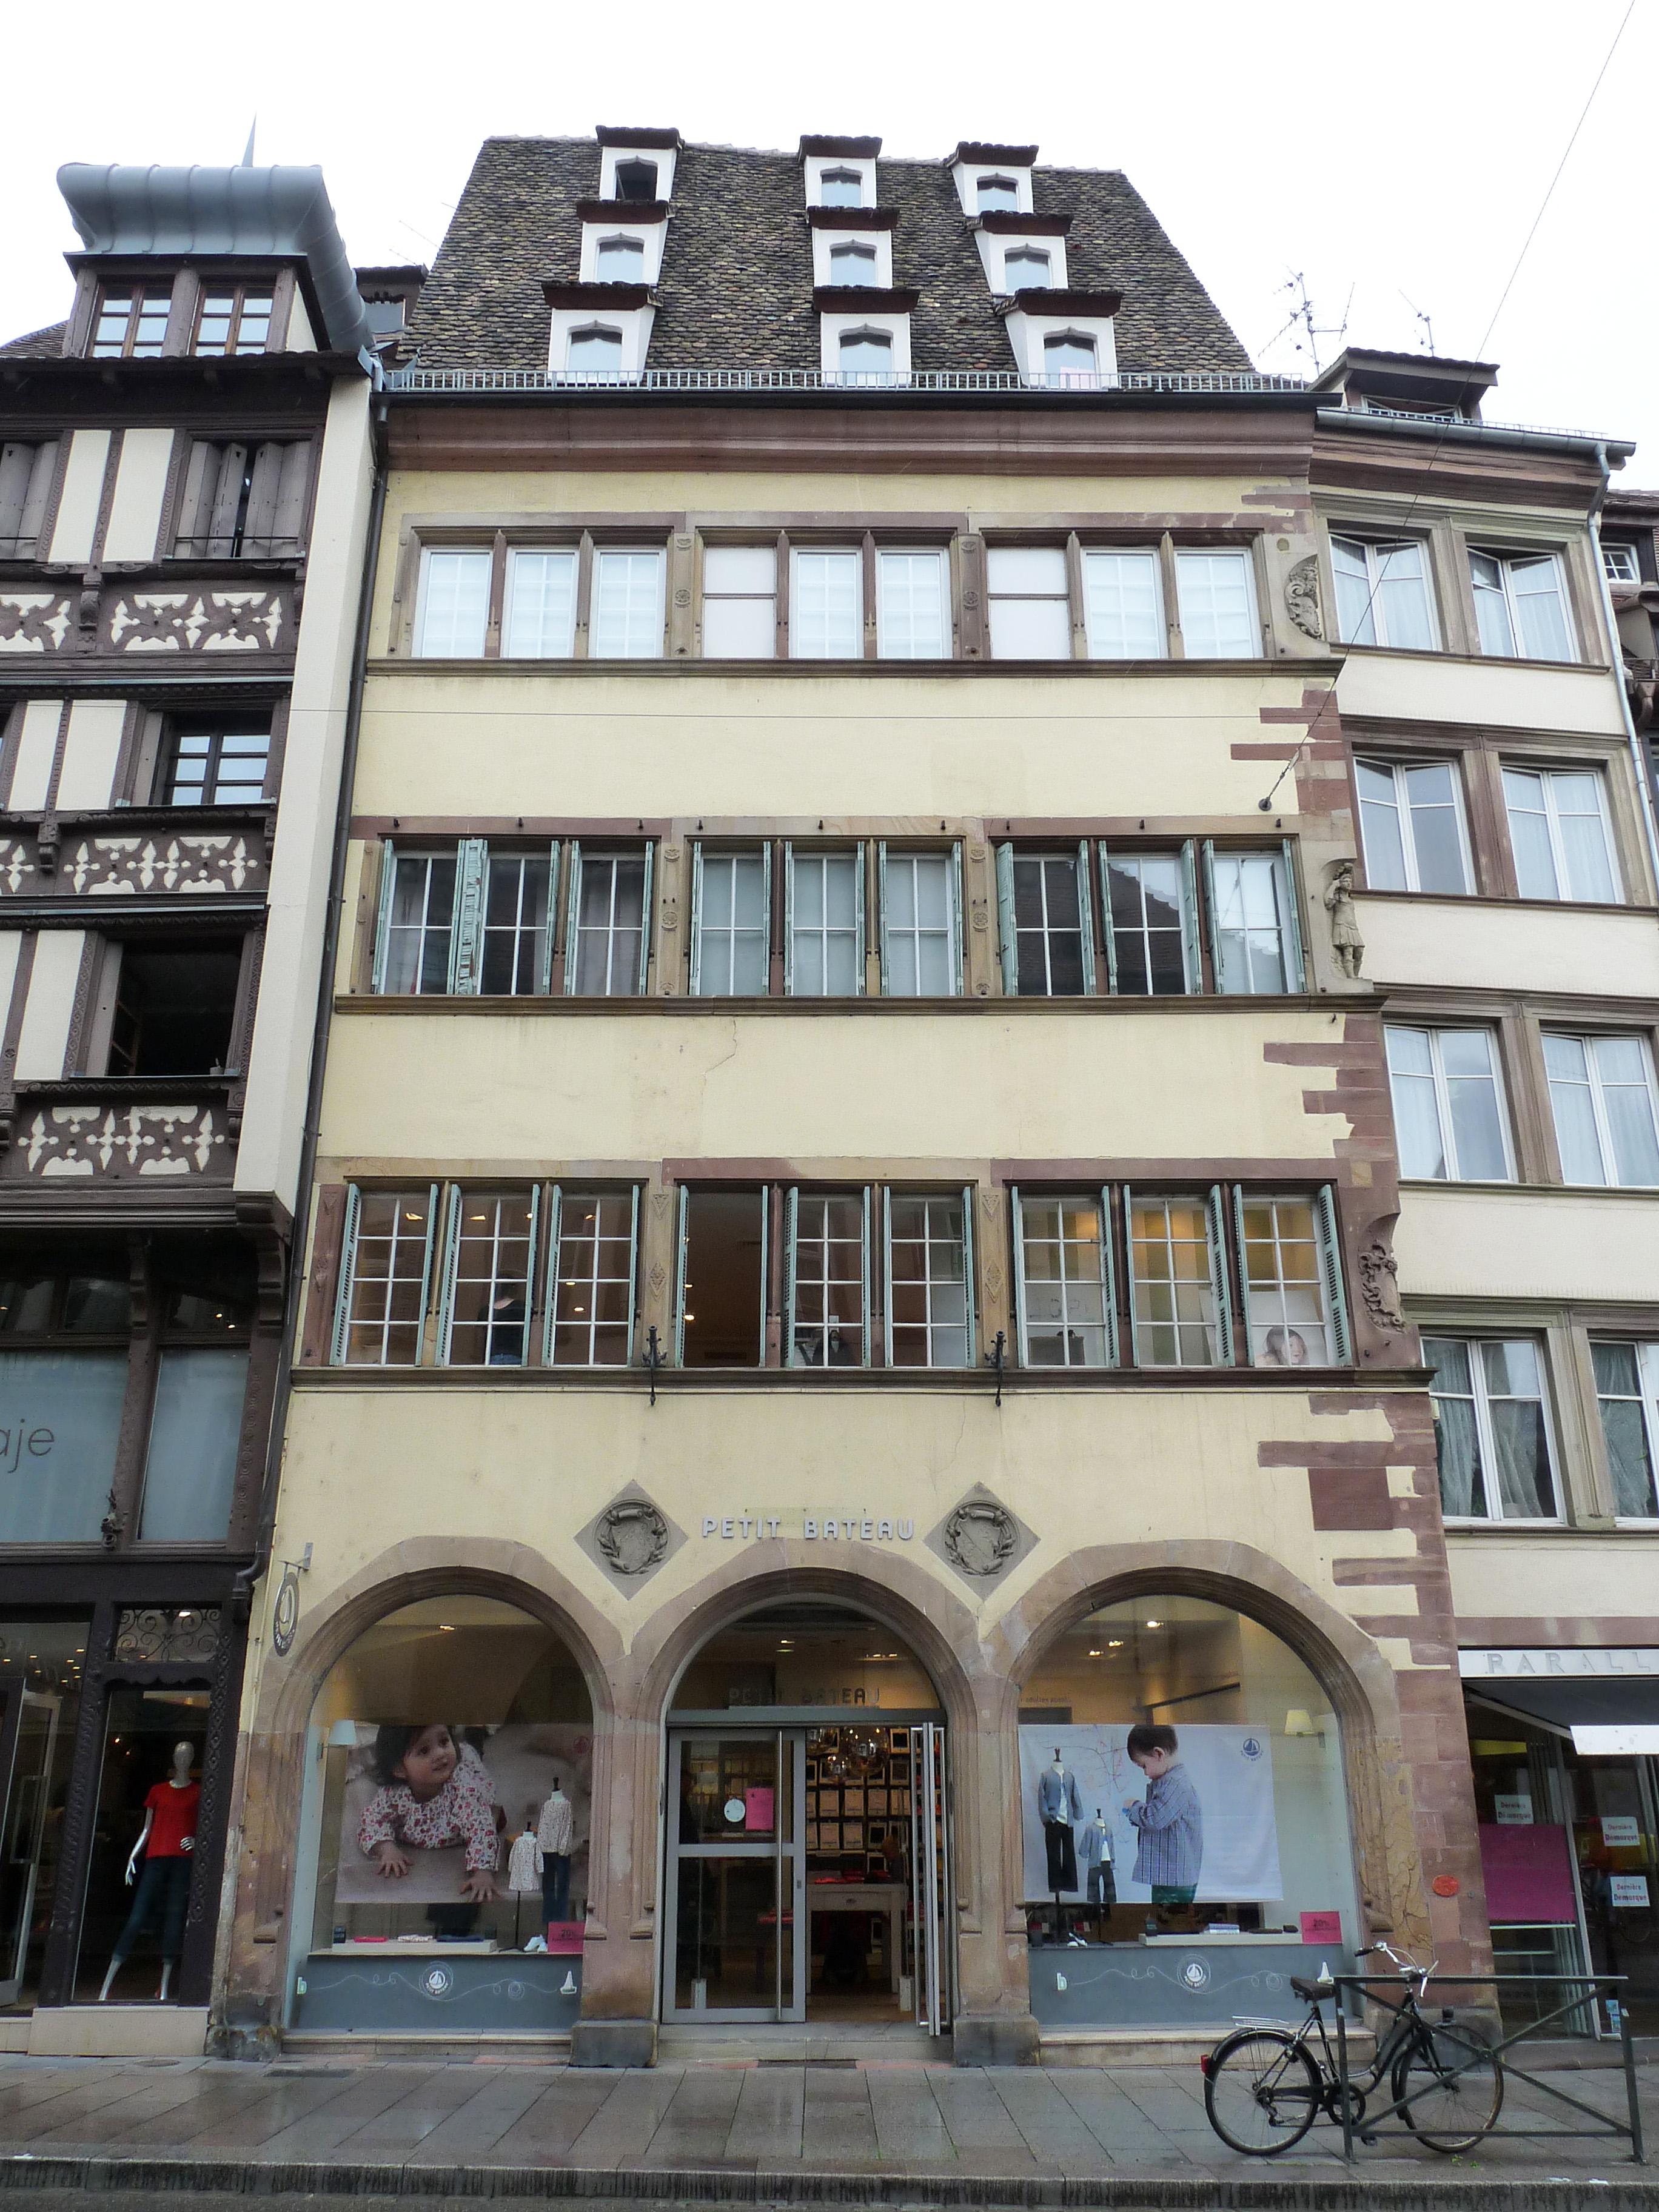 Maison au 40 rue du vieux march aux poissons strasbourg for Rue du miroir strasbourg